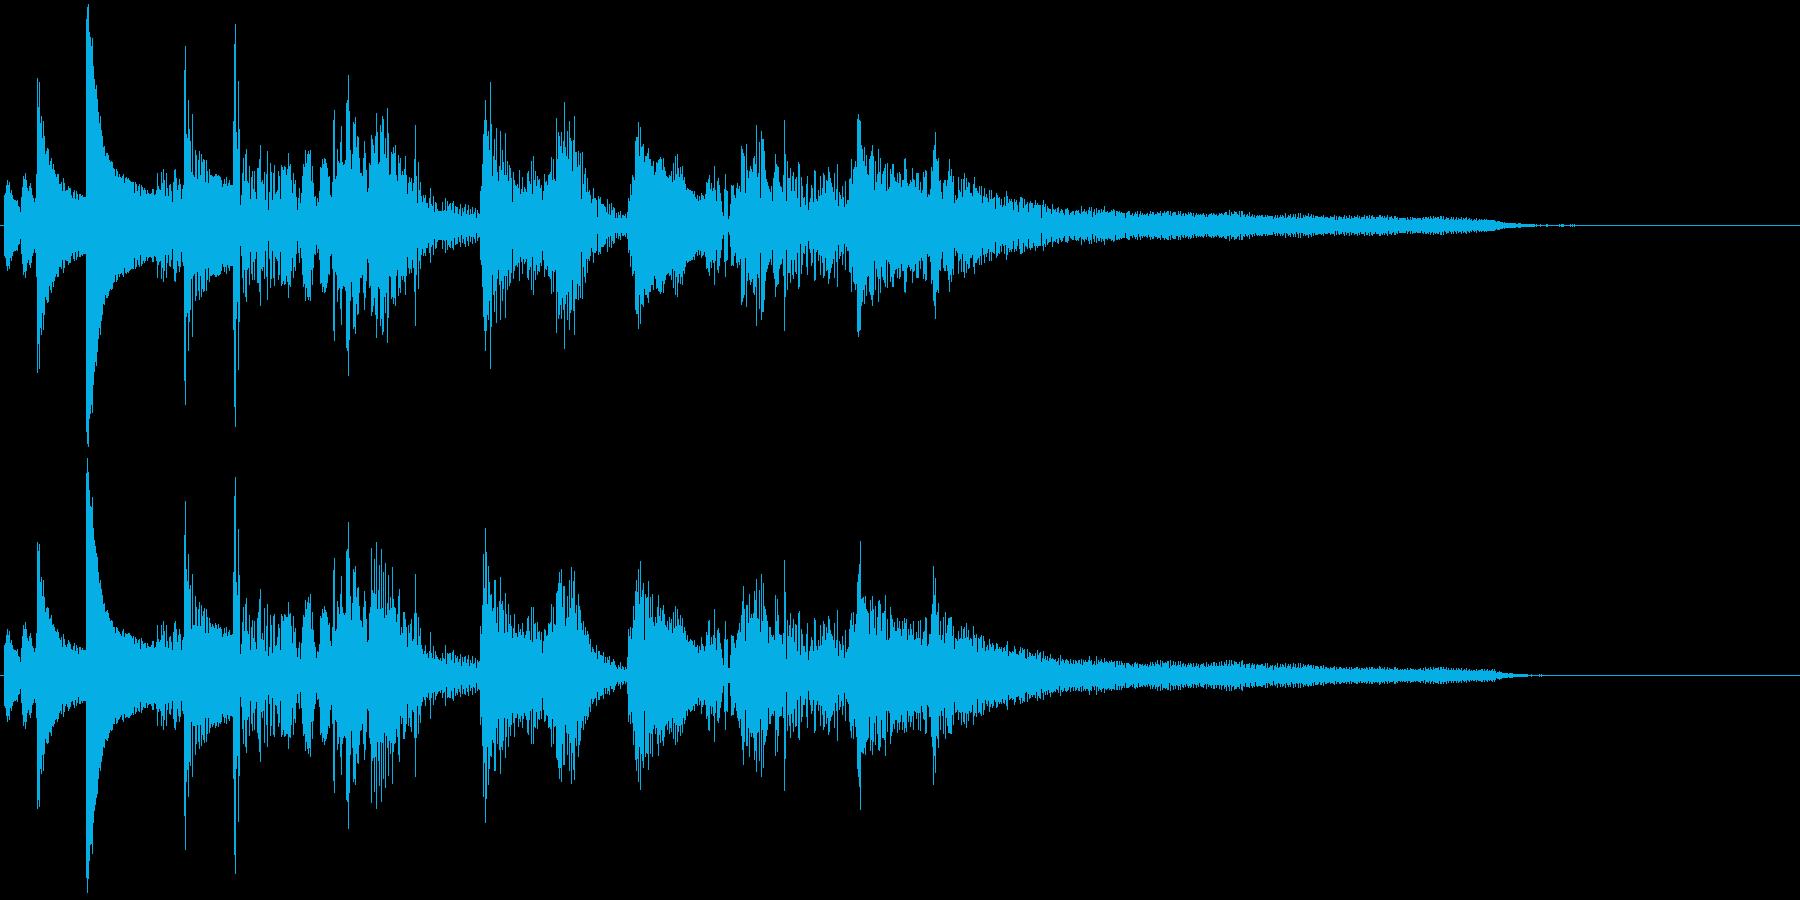 おしゃれなジャズ風ジングルの再生済みの波形